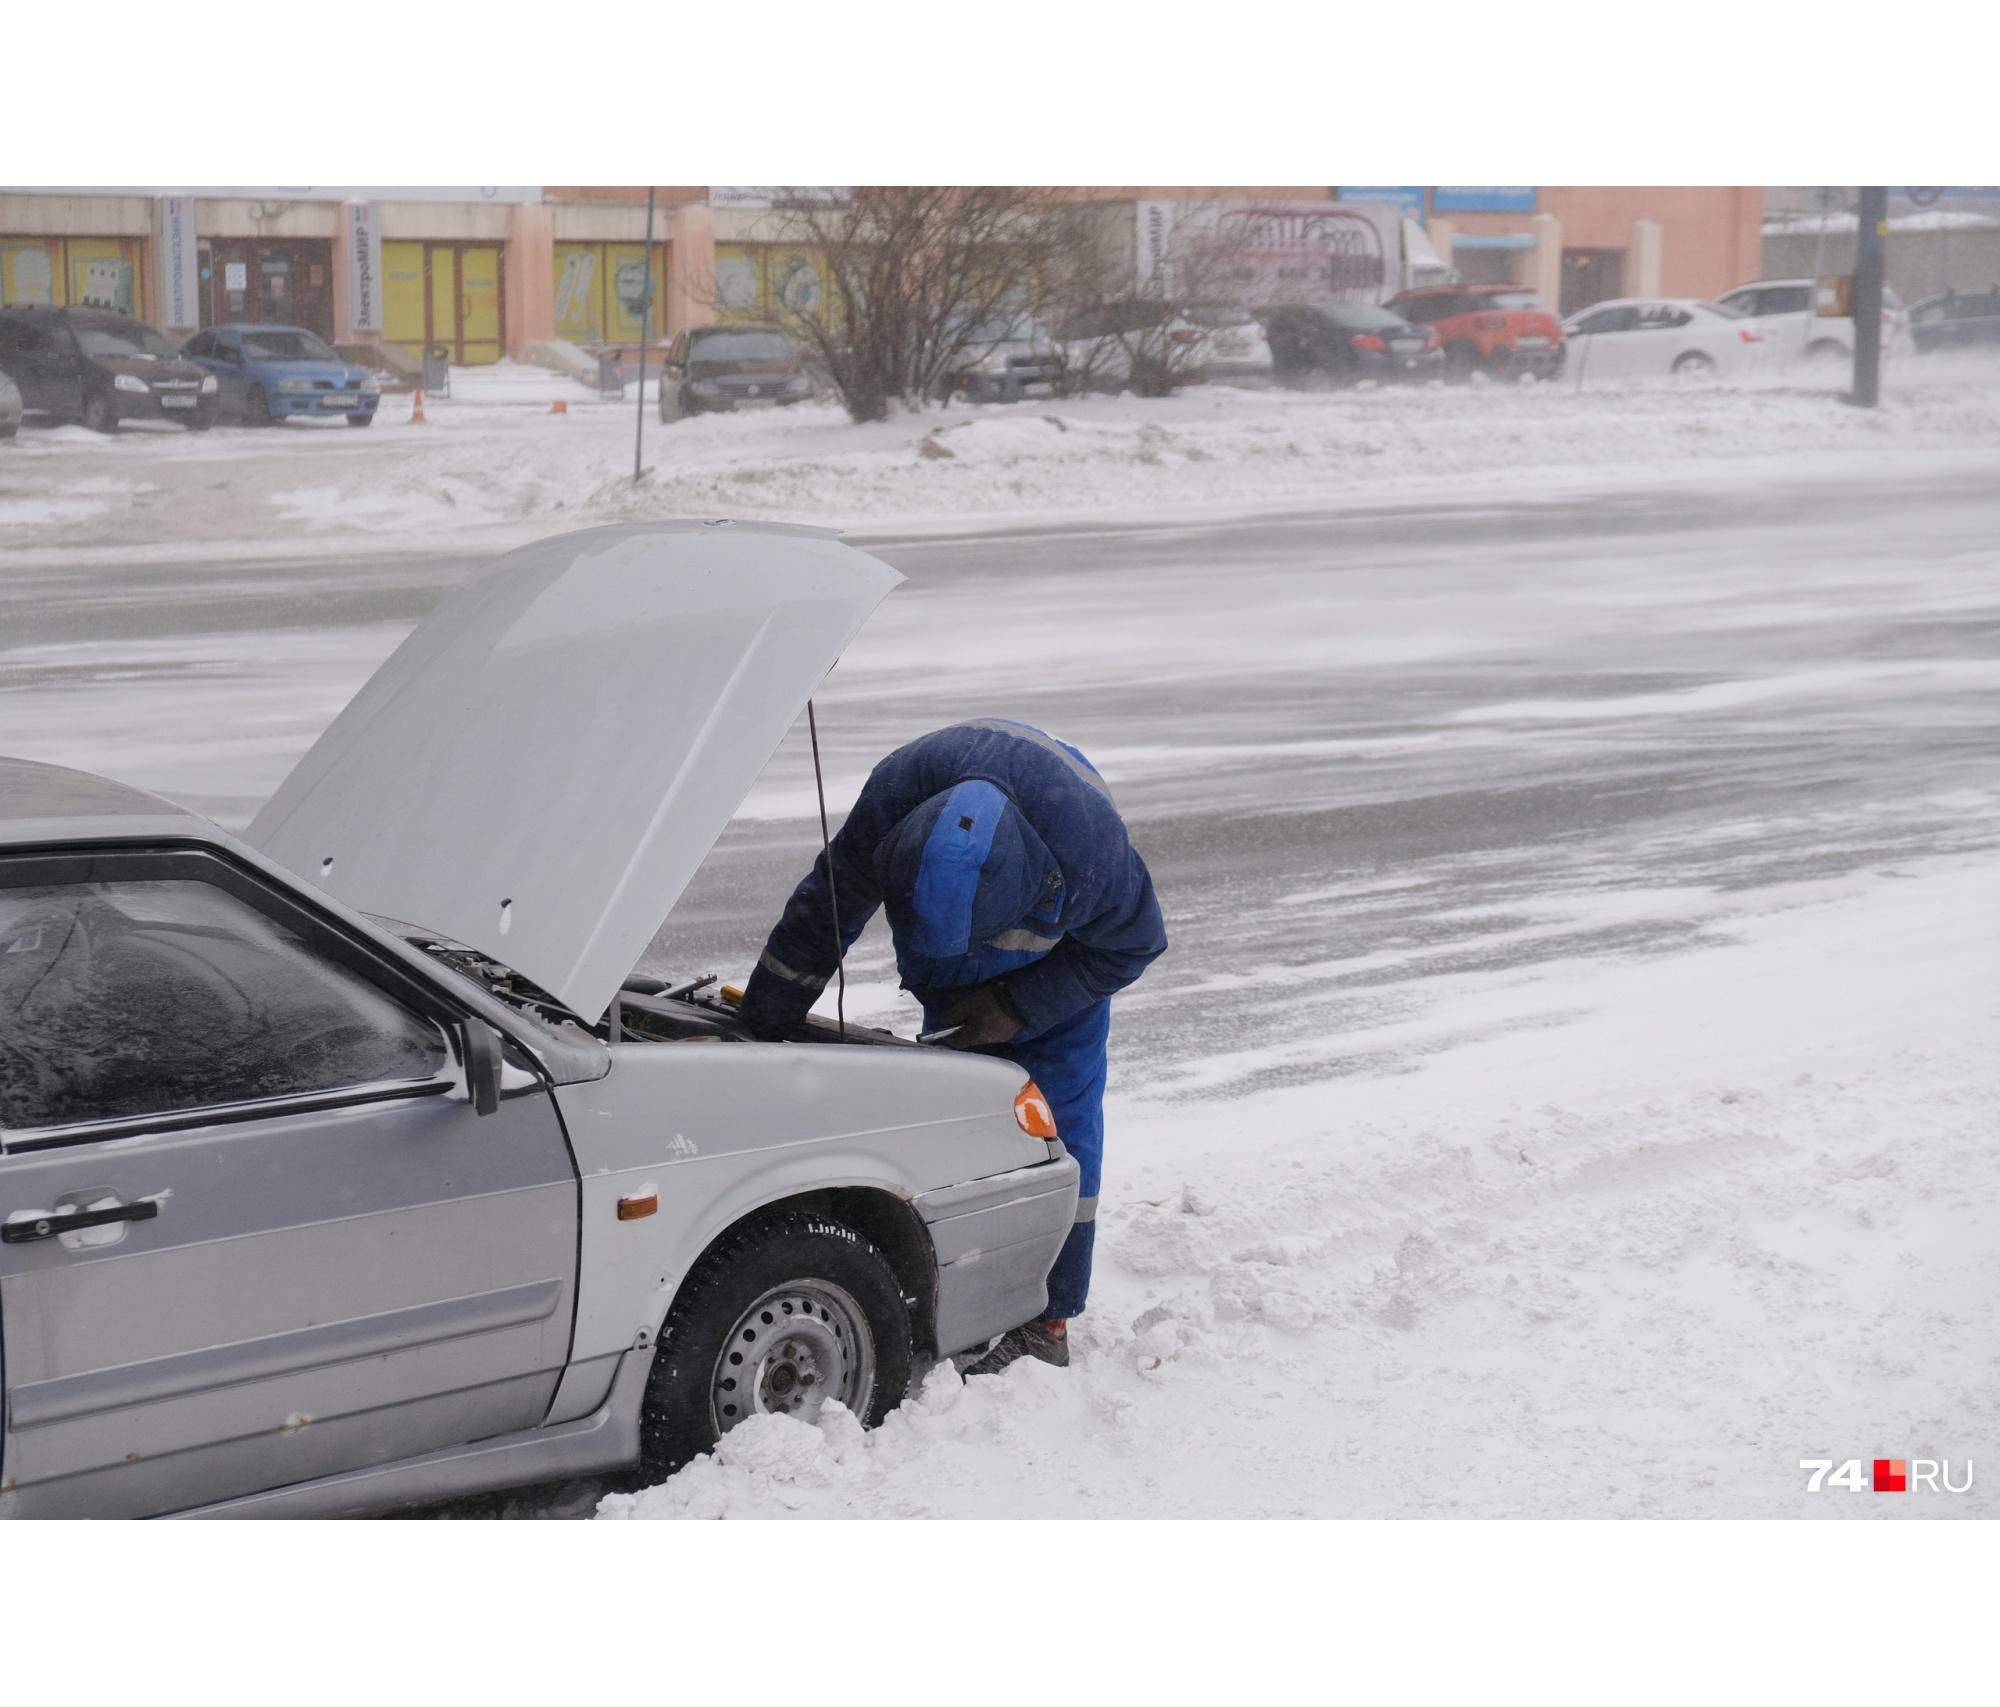 Завести машину в мороз — не самая простая задачка